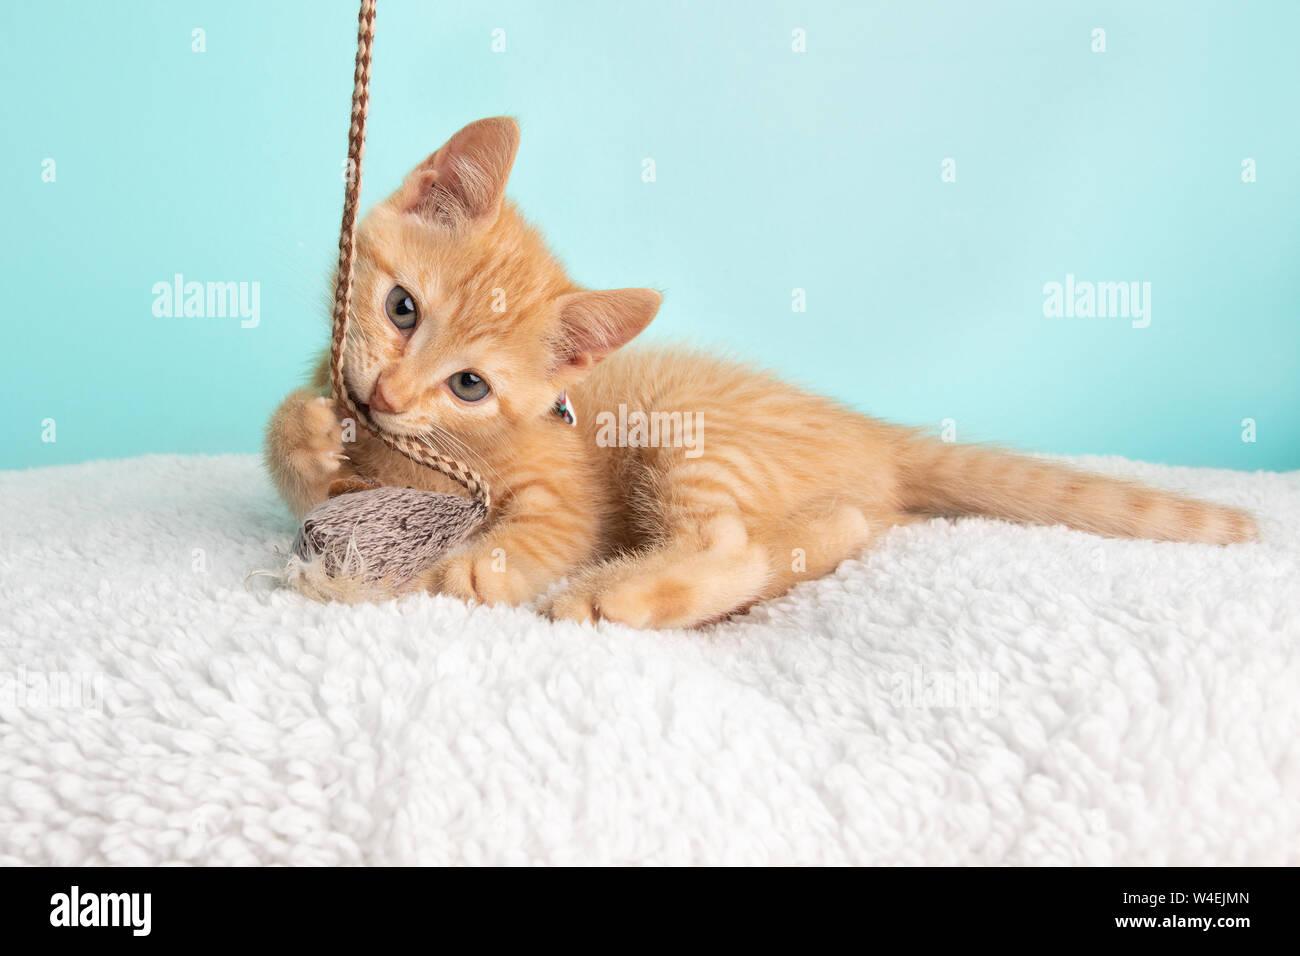 Lindo gatito gato atigrado naranja jóvenes vestidos de rescate Flor Blanca Pajarita Acostado echen mano y jugar con juguetes y cadena del ratón sobre fondo azul. Foto de stock